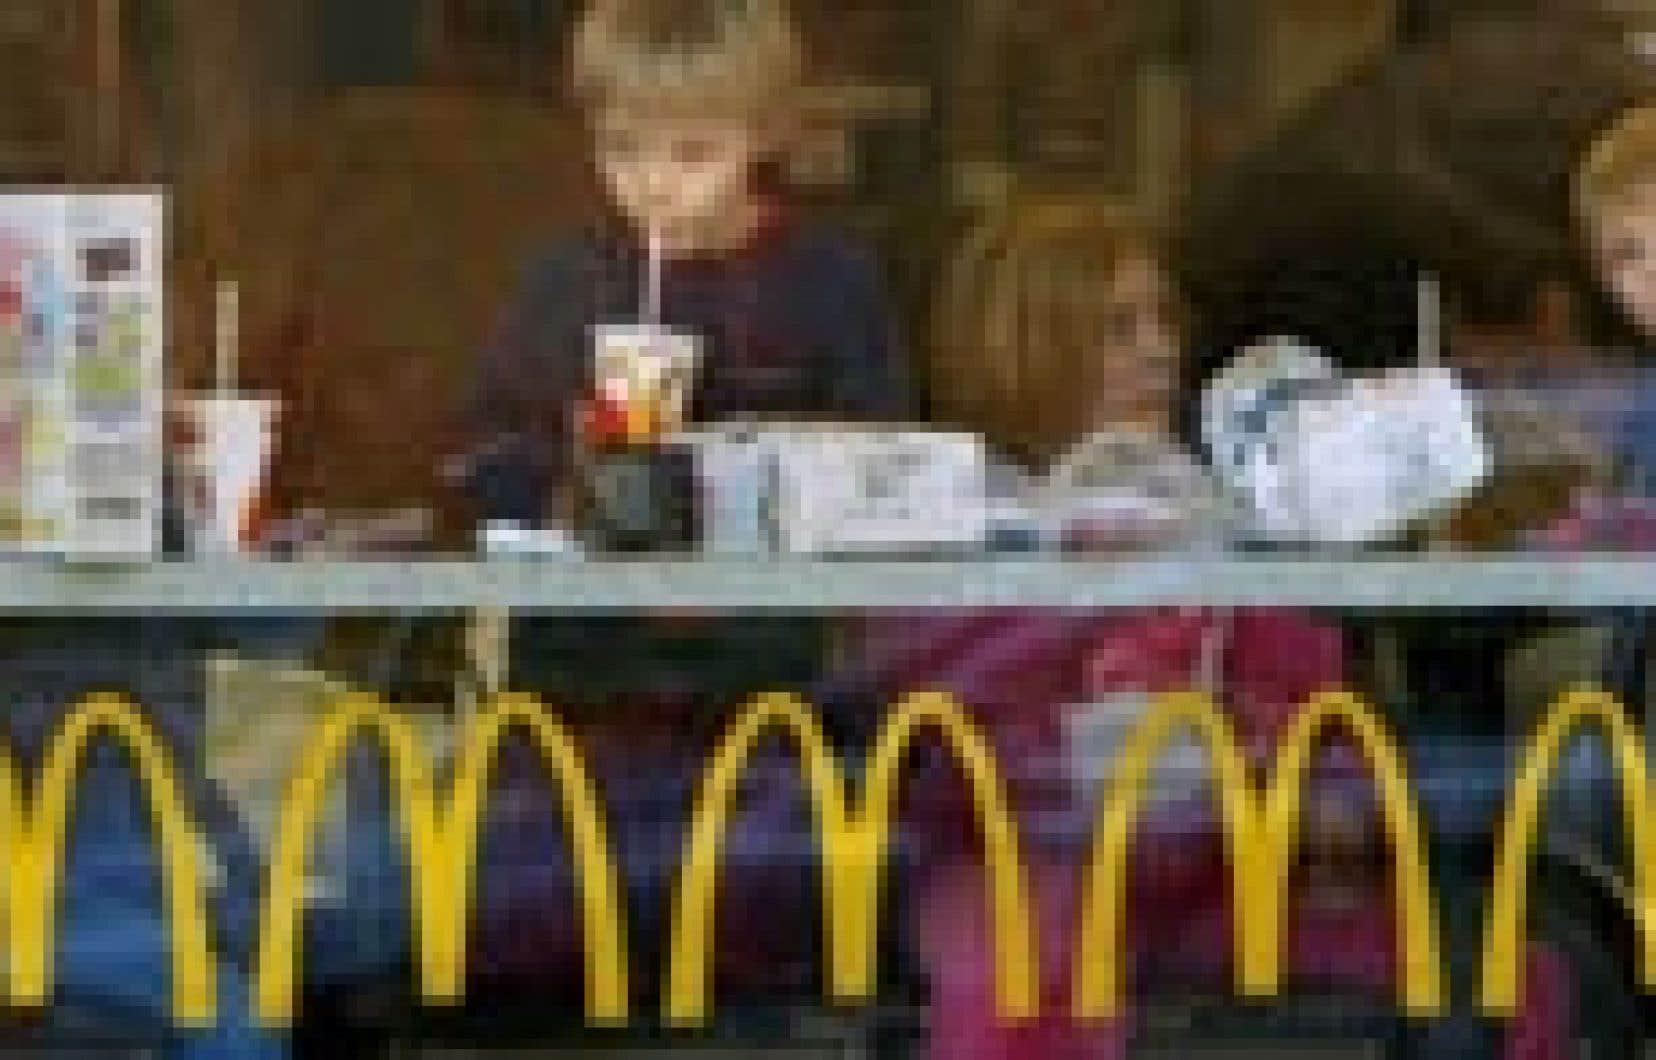 McDonald's veut bien proposer à ses clients de faire de l'exercice, de prendre une salade plutôt qu'une frite, mais pas question de réduire le format de ses boissons gazeuses.